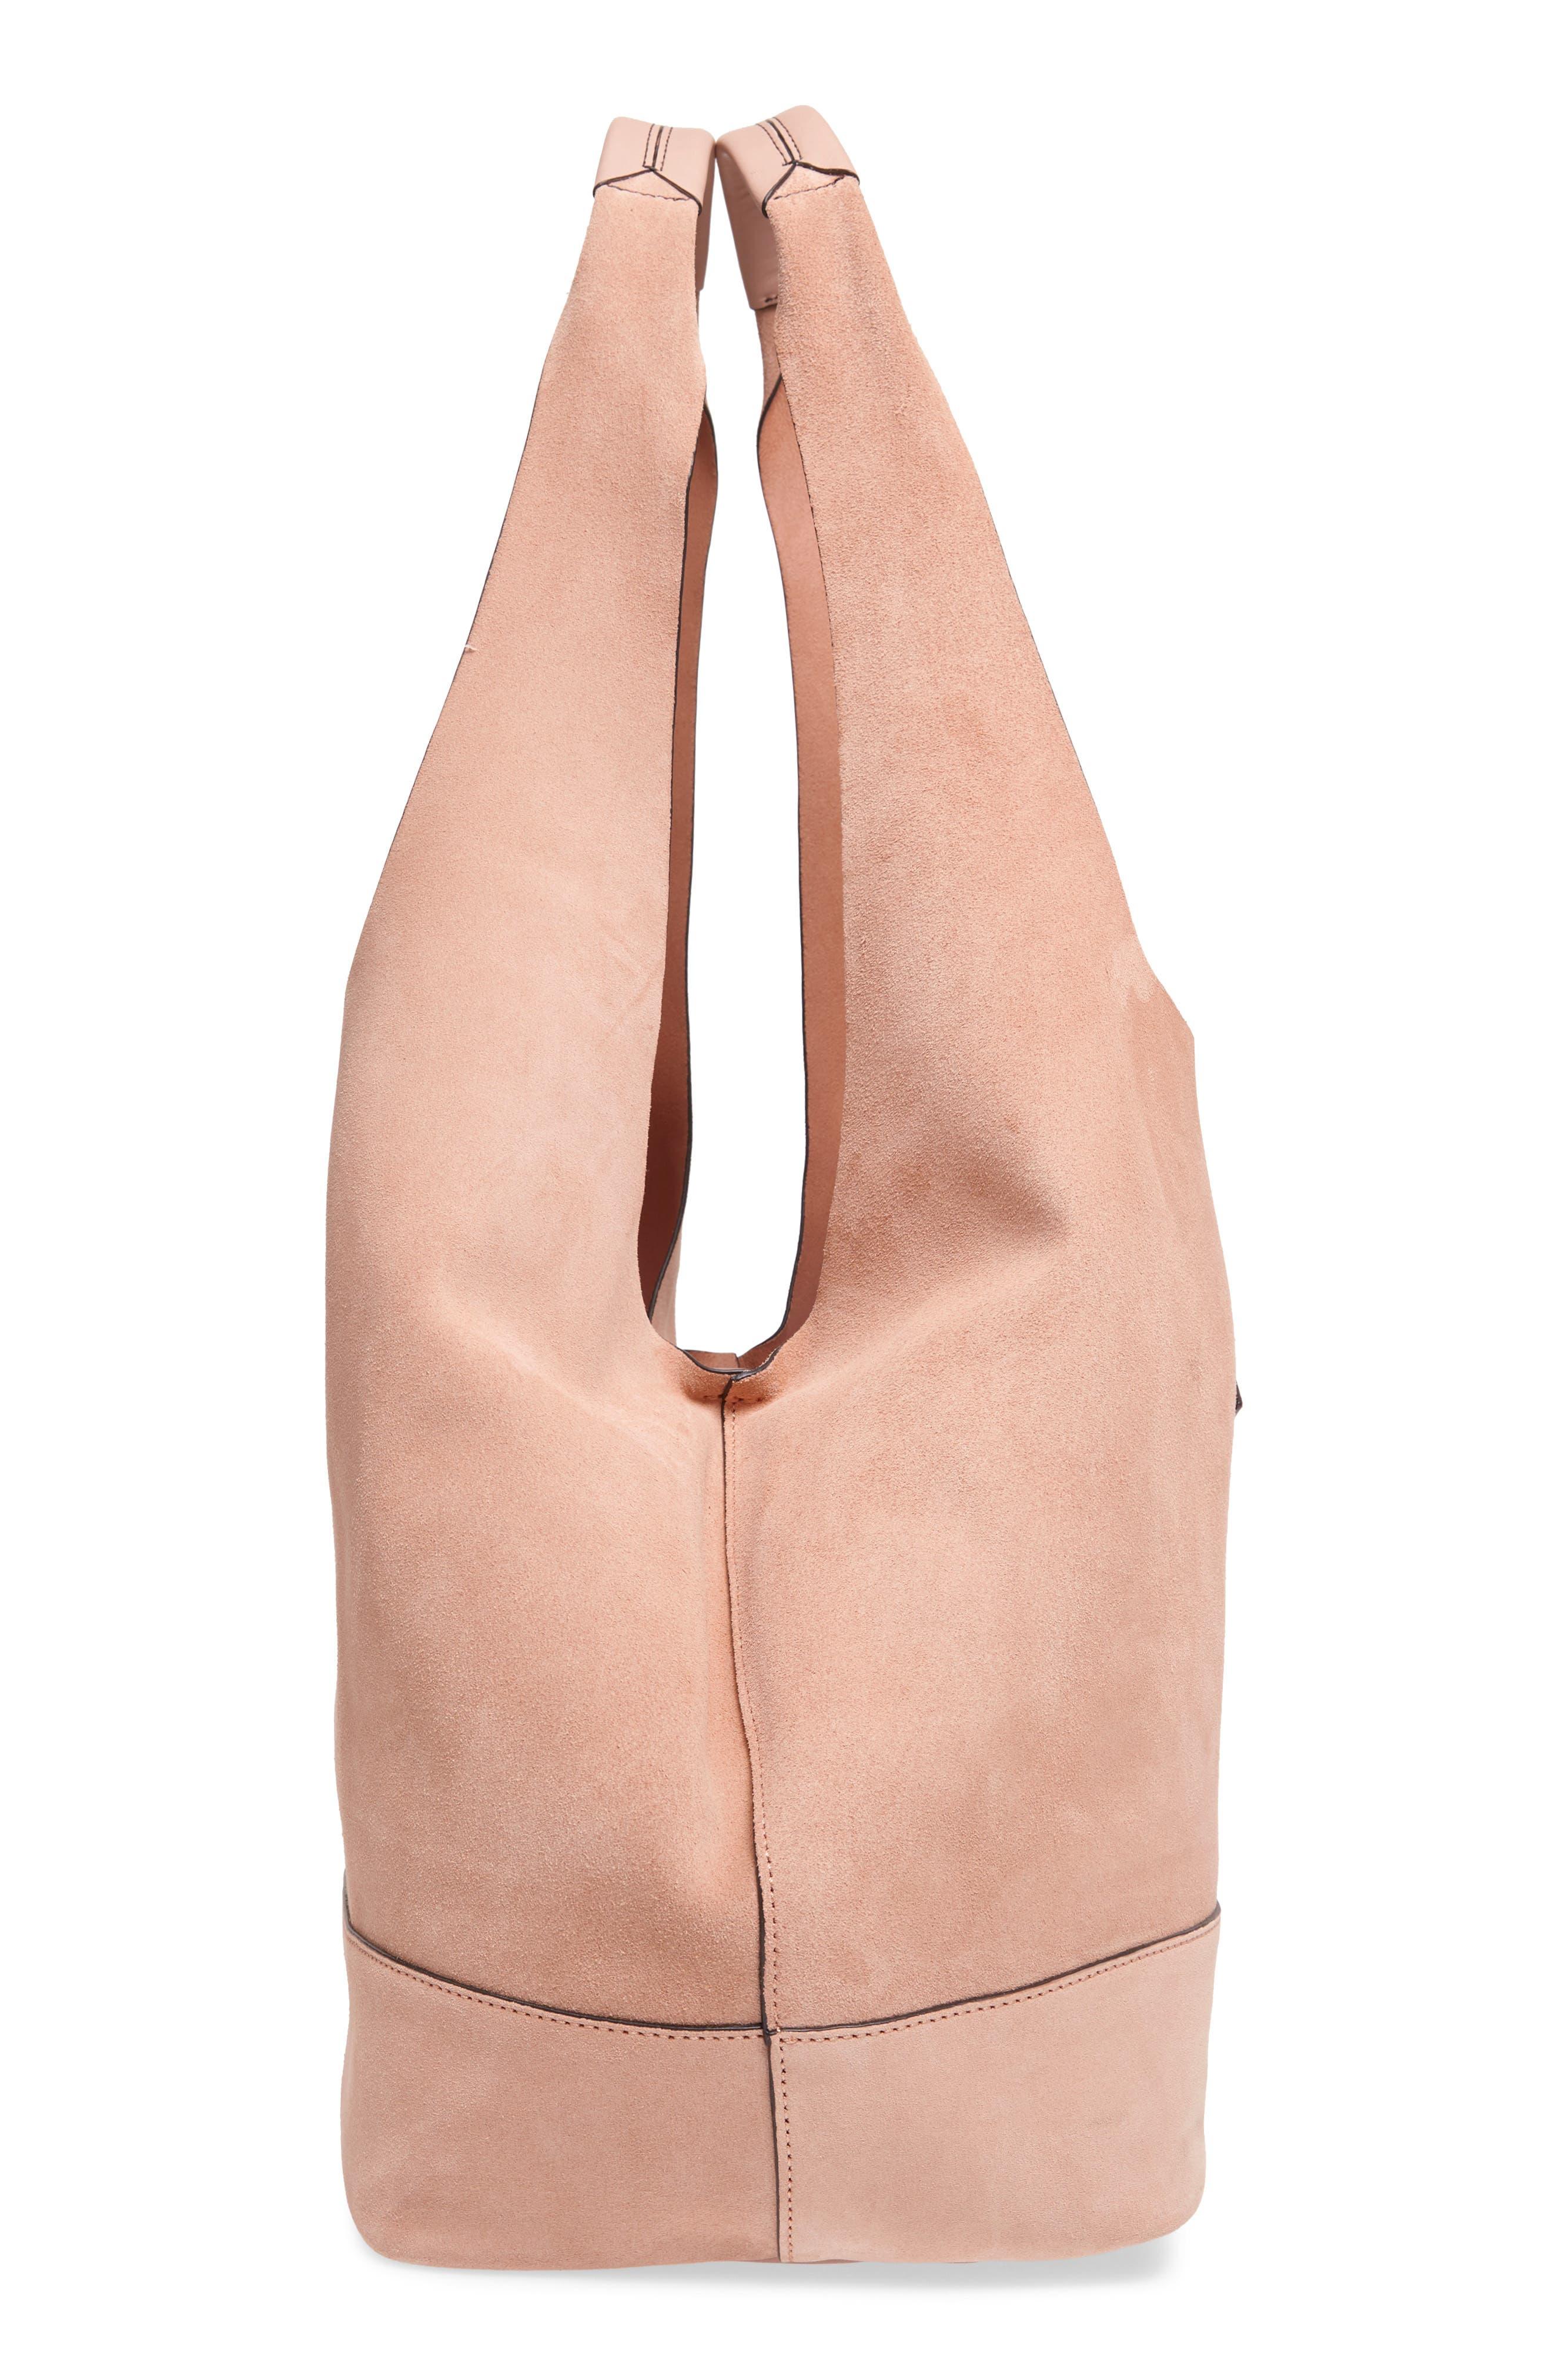 Camden Shopper Bag,                             Alternate thumbnail 5, color,                             NUDE SUEDE